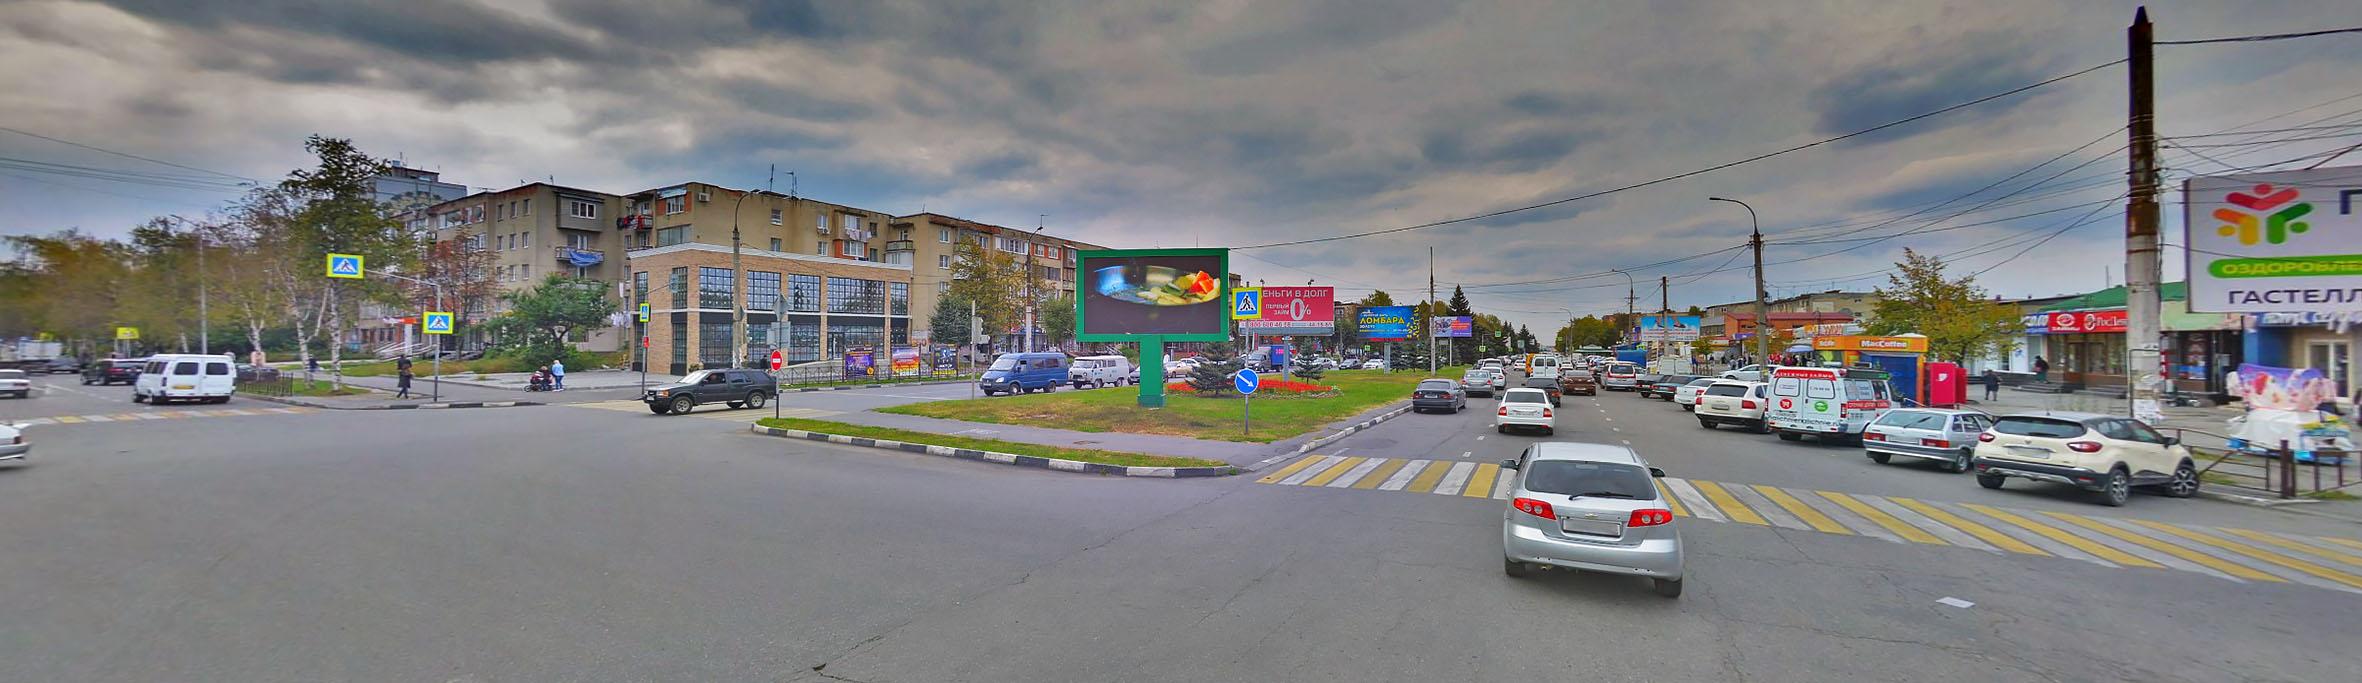 Реклама на билбордах в РСО-Алания 3х6